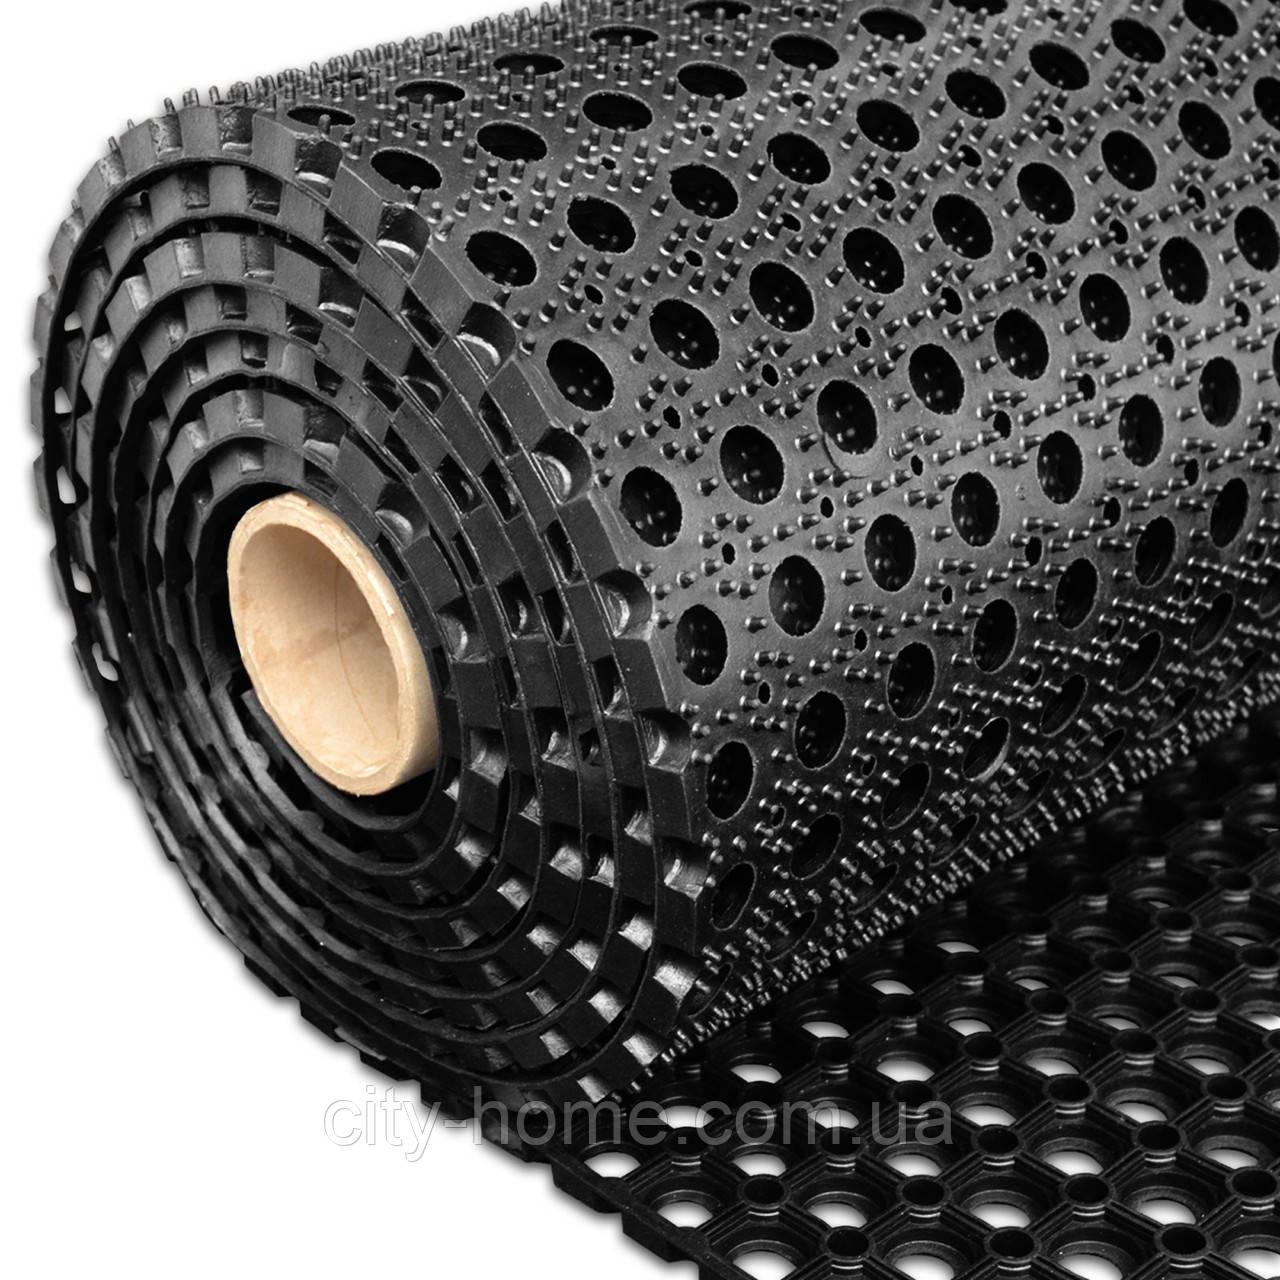 Коврик резиновый сота рулонный 100 х 750 х 2,2 см чёрный